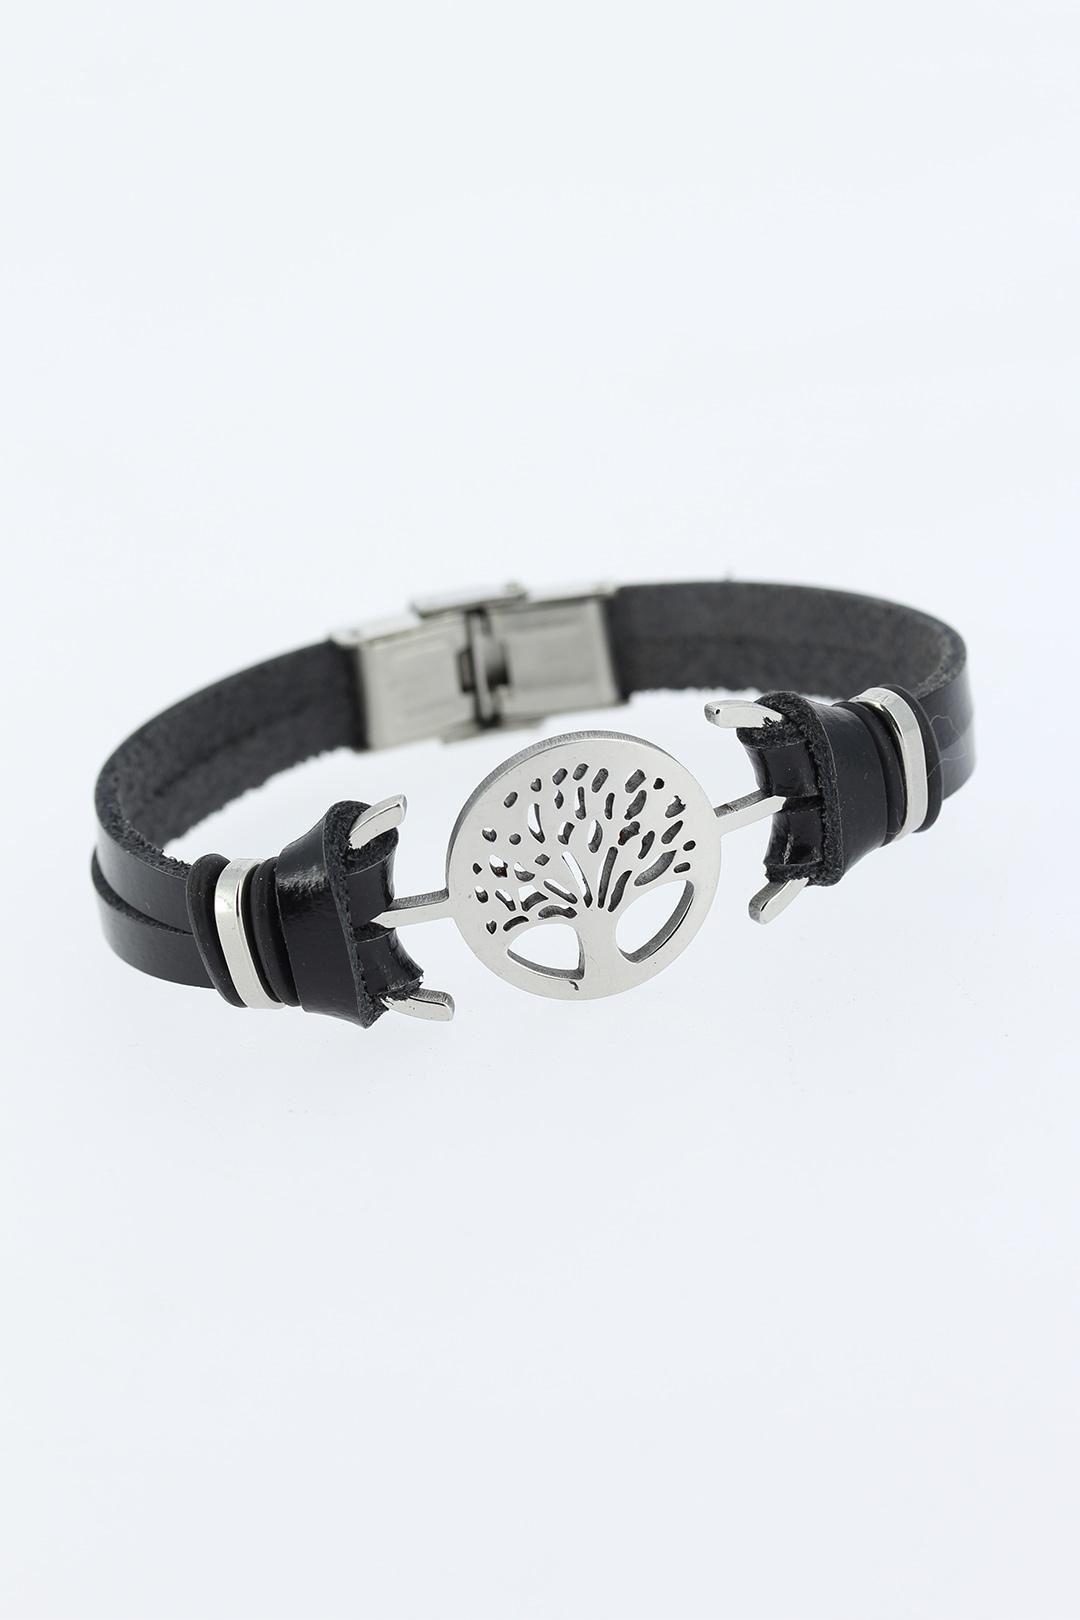 Silver Renk Ağaç Figürlü Metal Aksesuarlı Siyah Renk Deri Erkek Bileklik